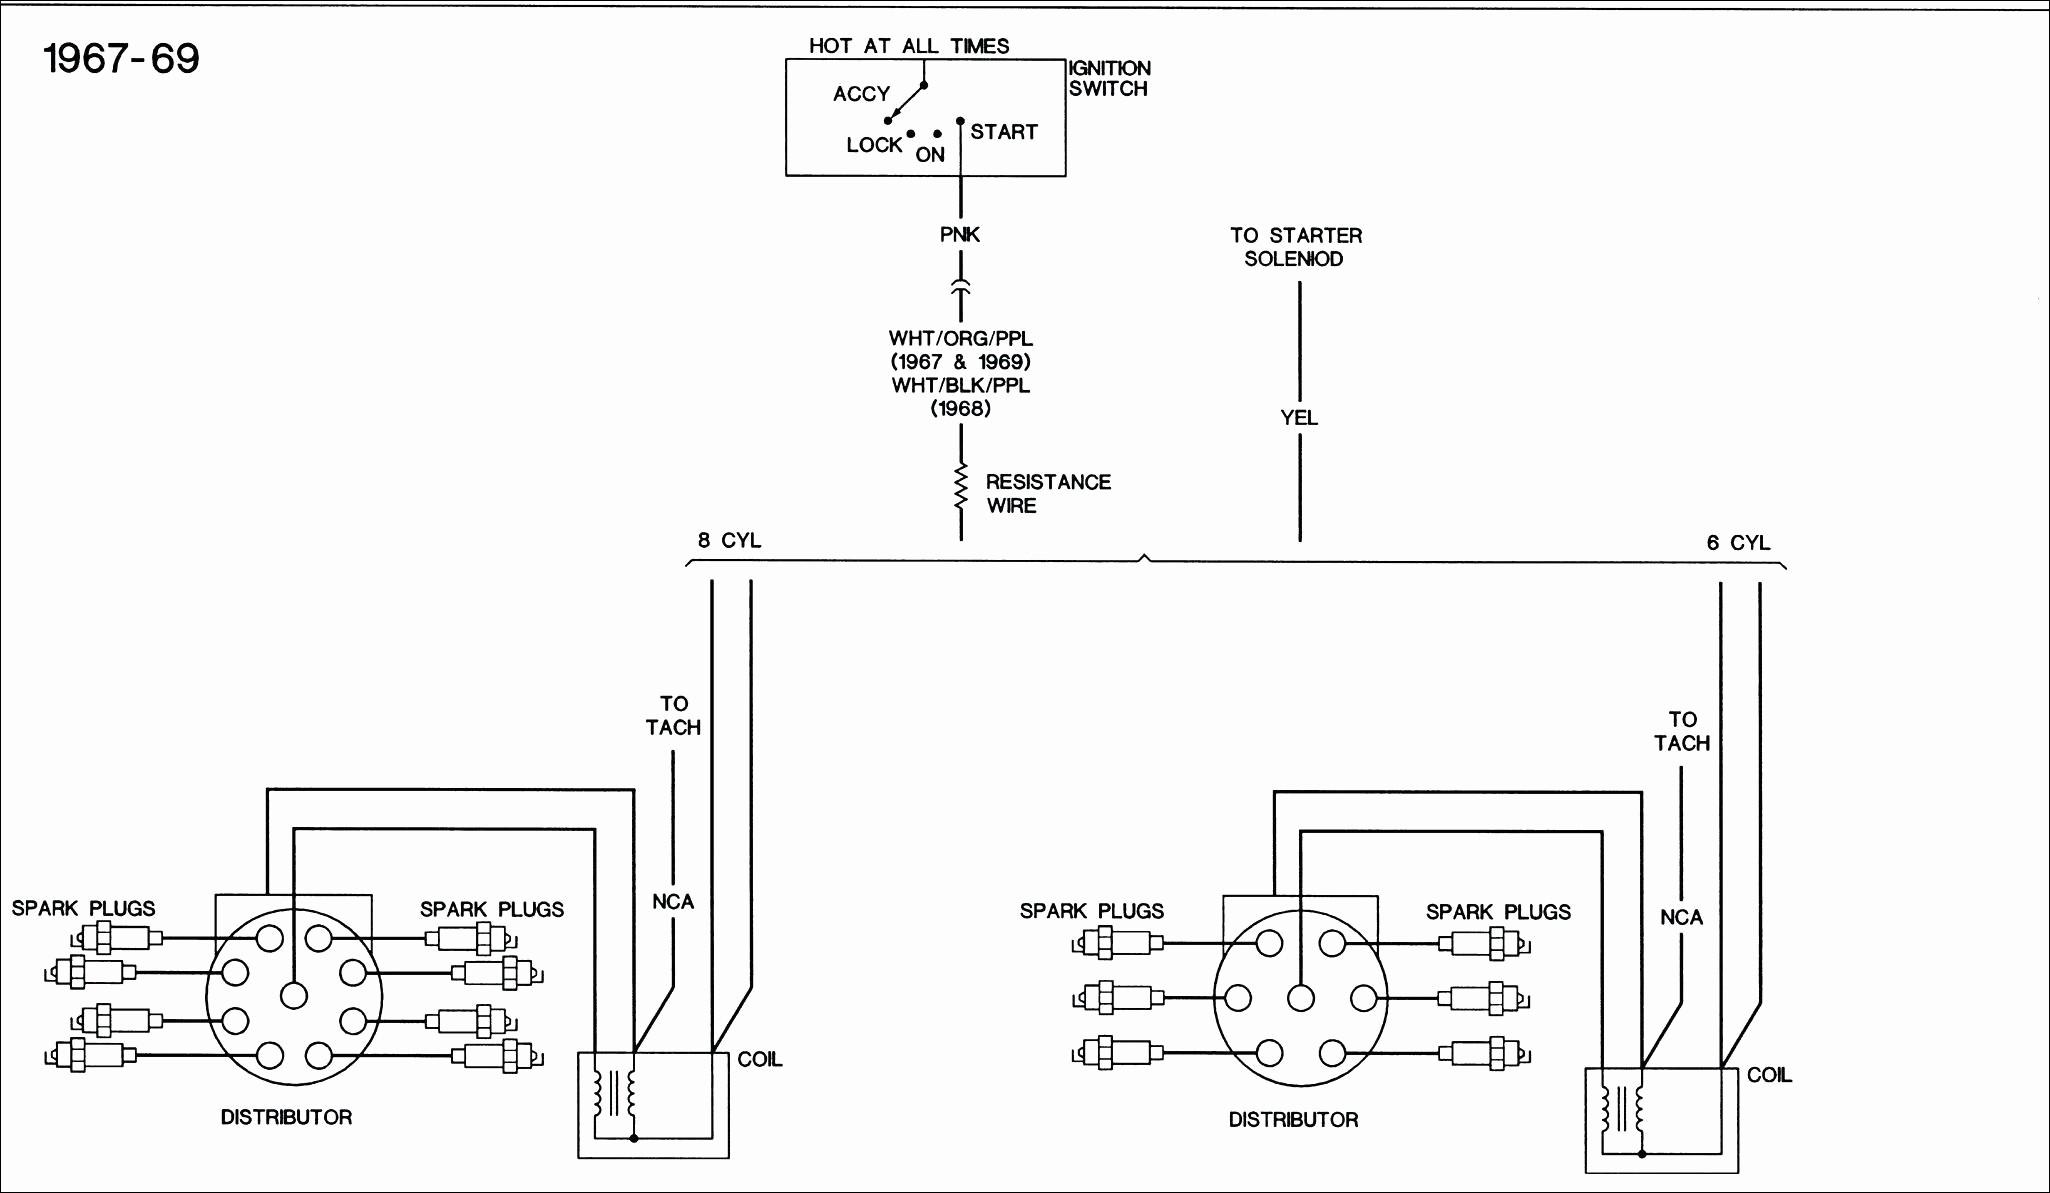 Car Ignition Wiring Diagram Club Car Ignition Wiring Diagram ... on